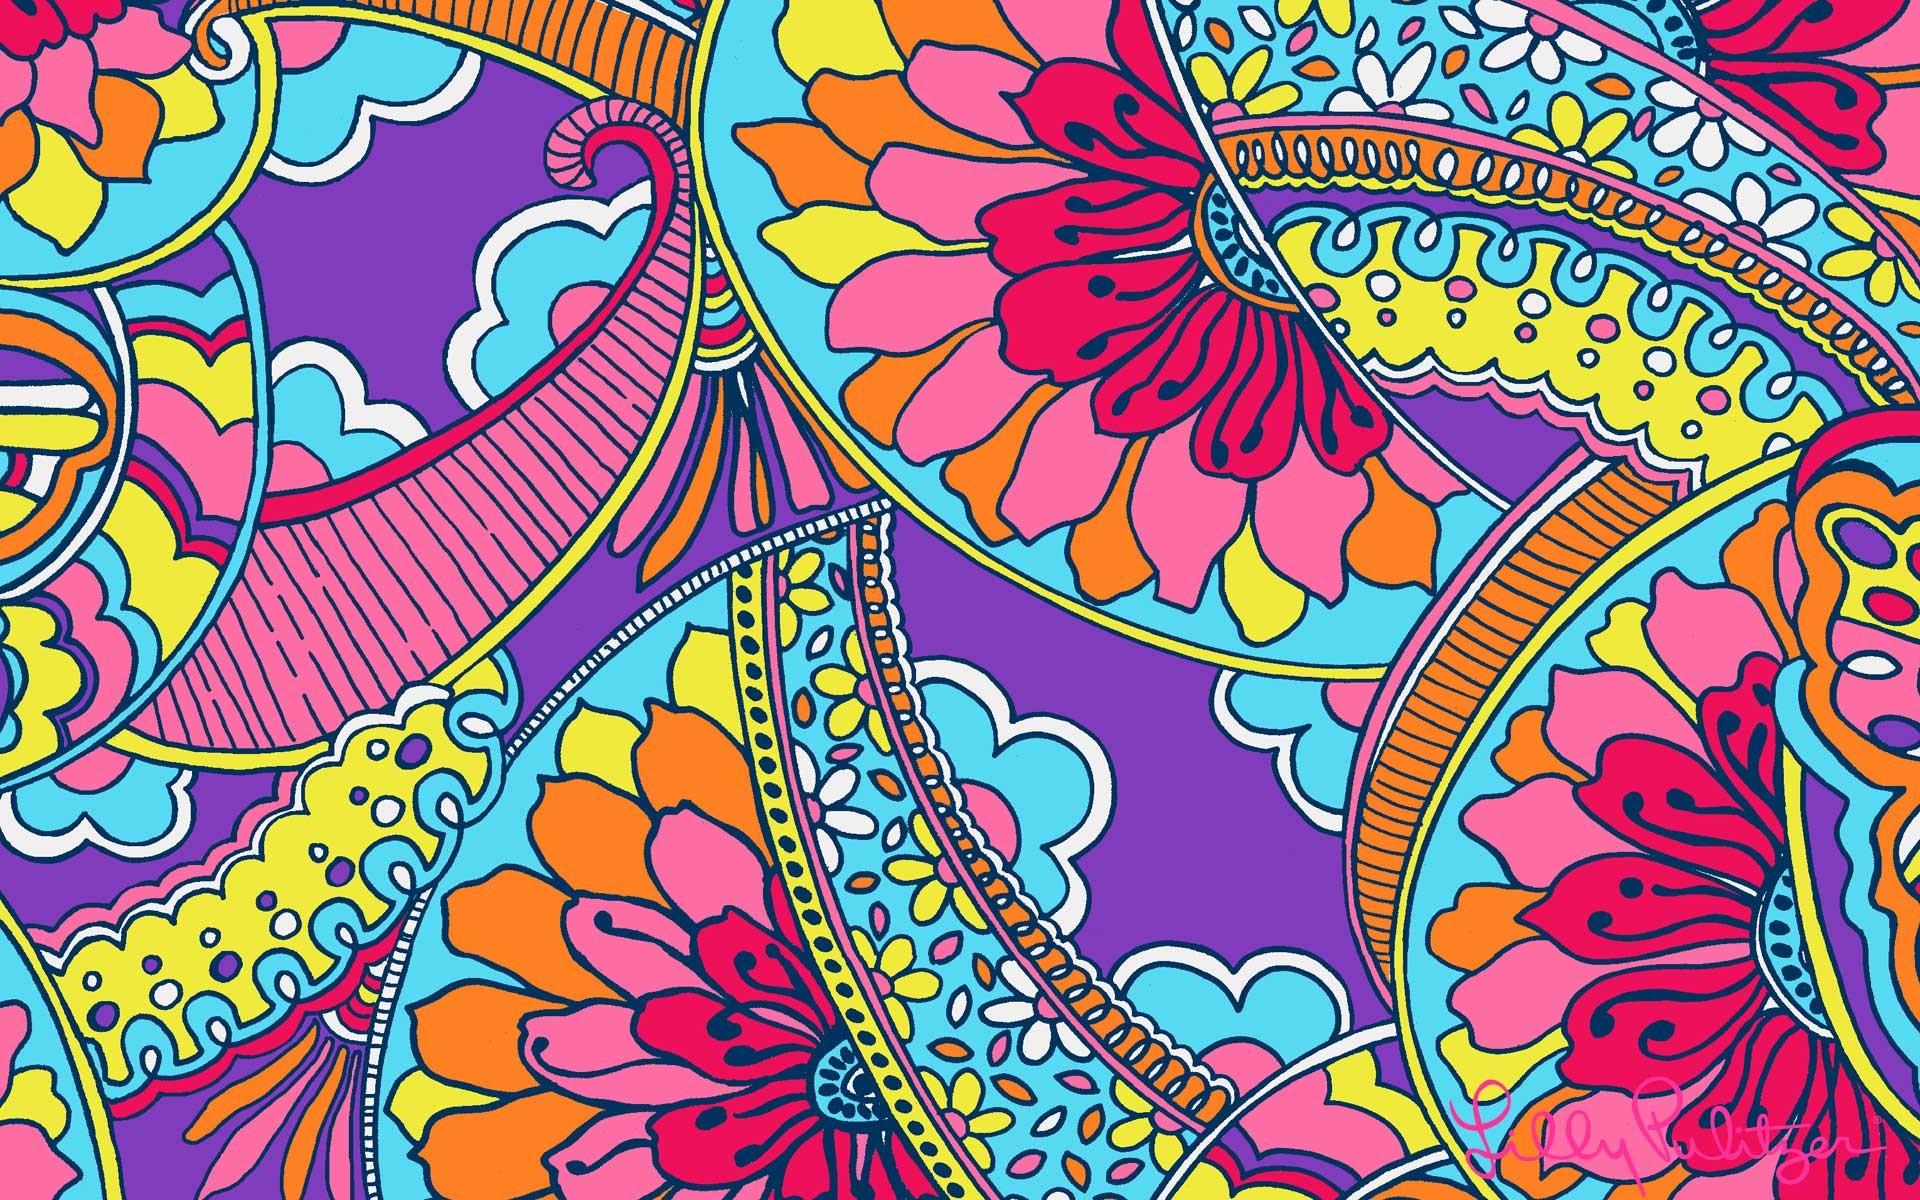 Lilly Pulitzer Sailboat Wallpapers HD : Abstract Wallpaper – Petsprin